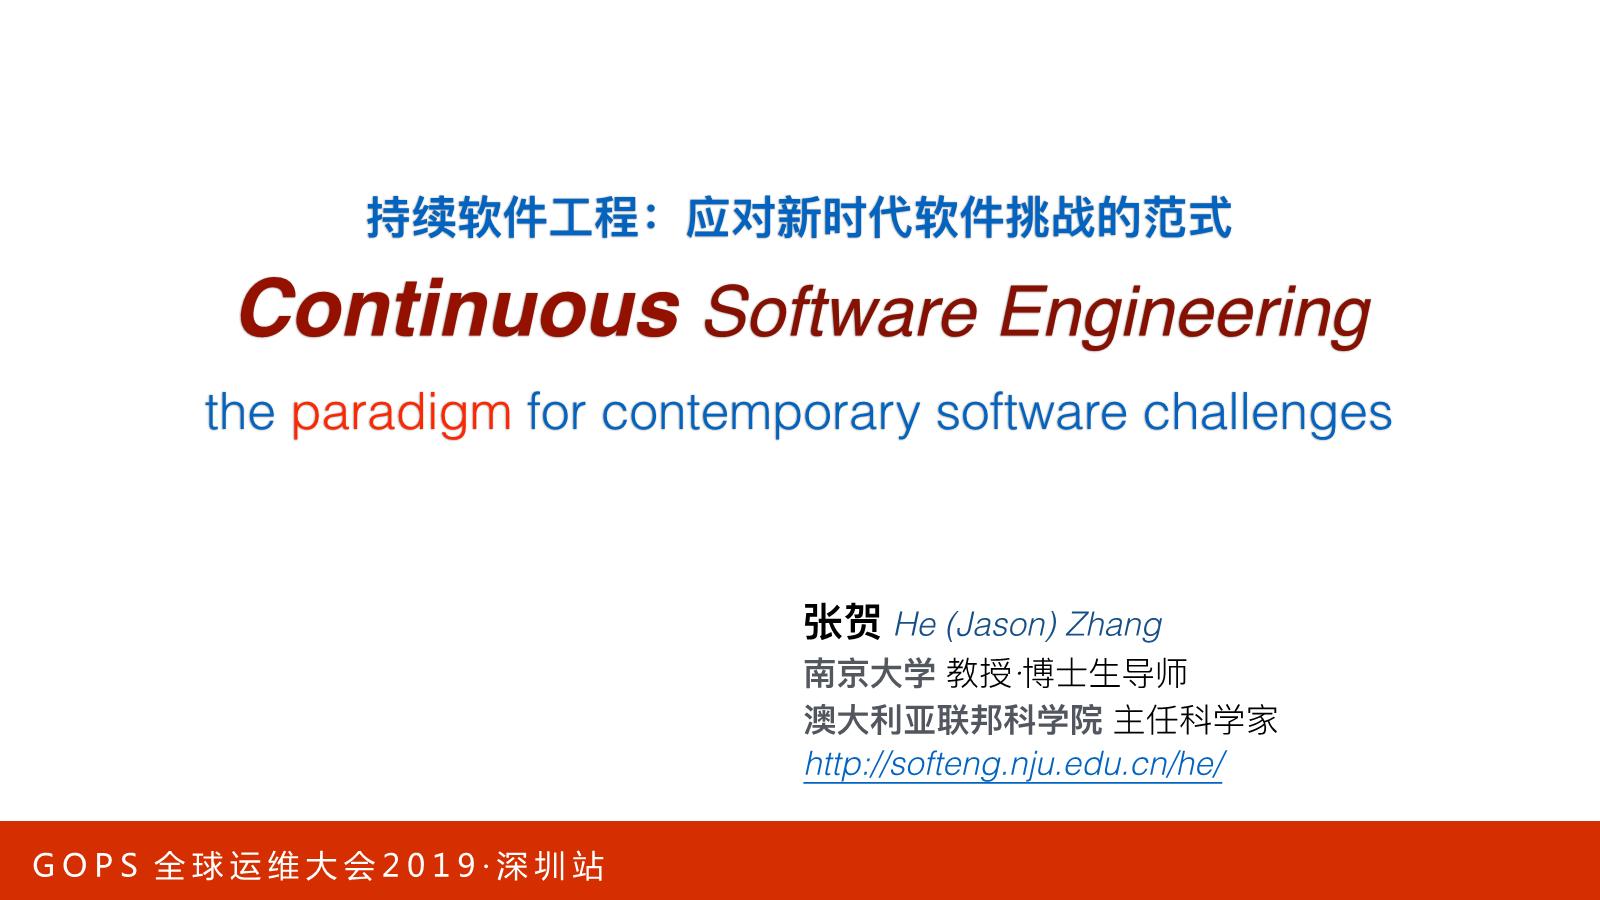 张贺-持续软件工程:应对新时代软件挑战的范式